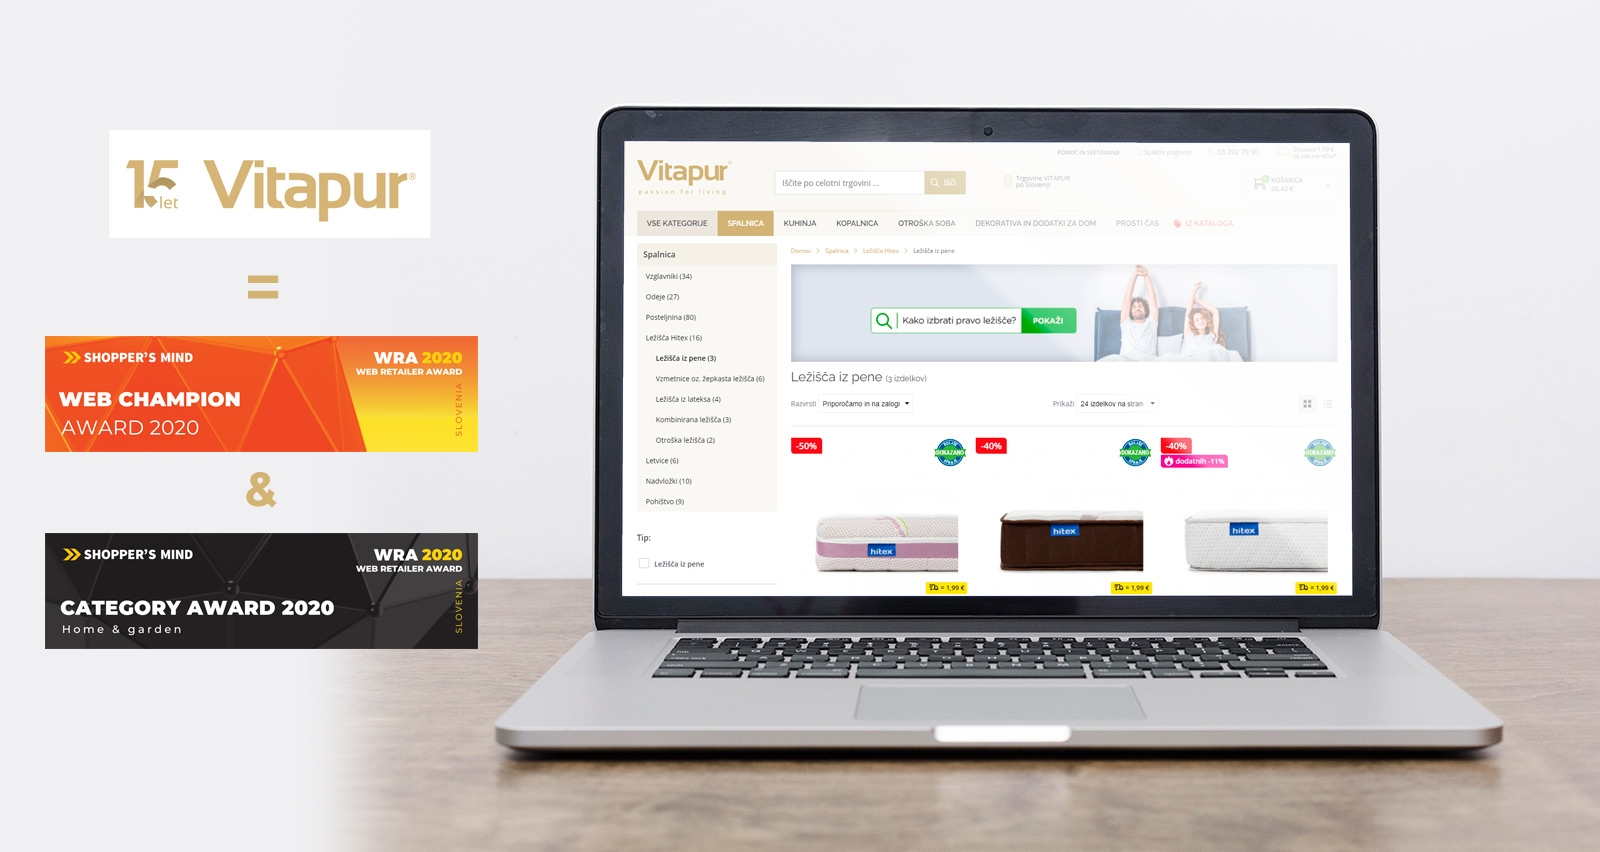 vitapur.si - Najboljša spletna trgovina v Sloveniji